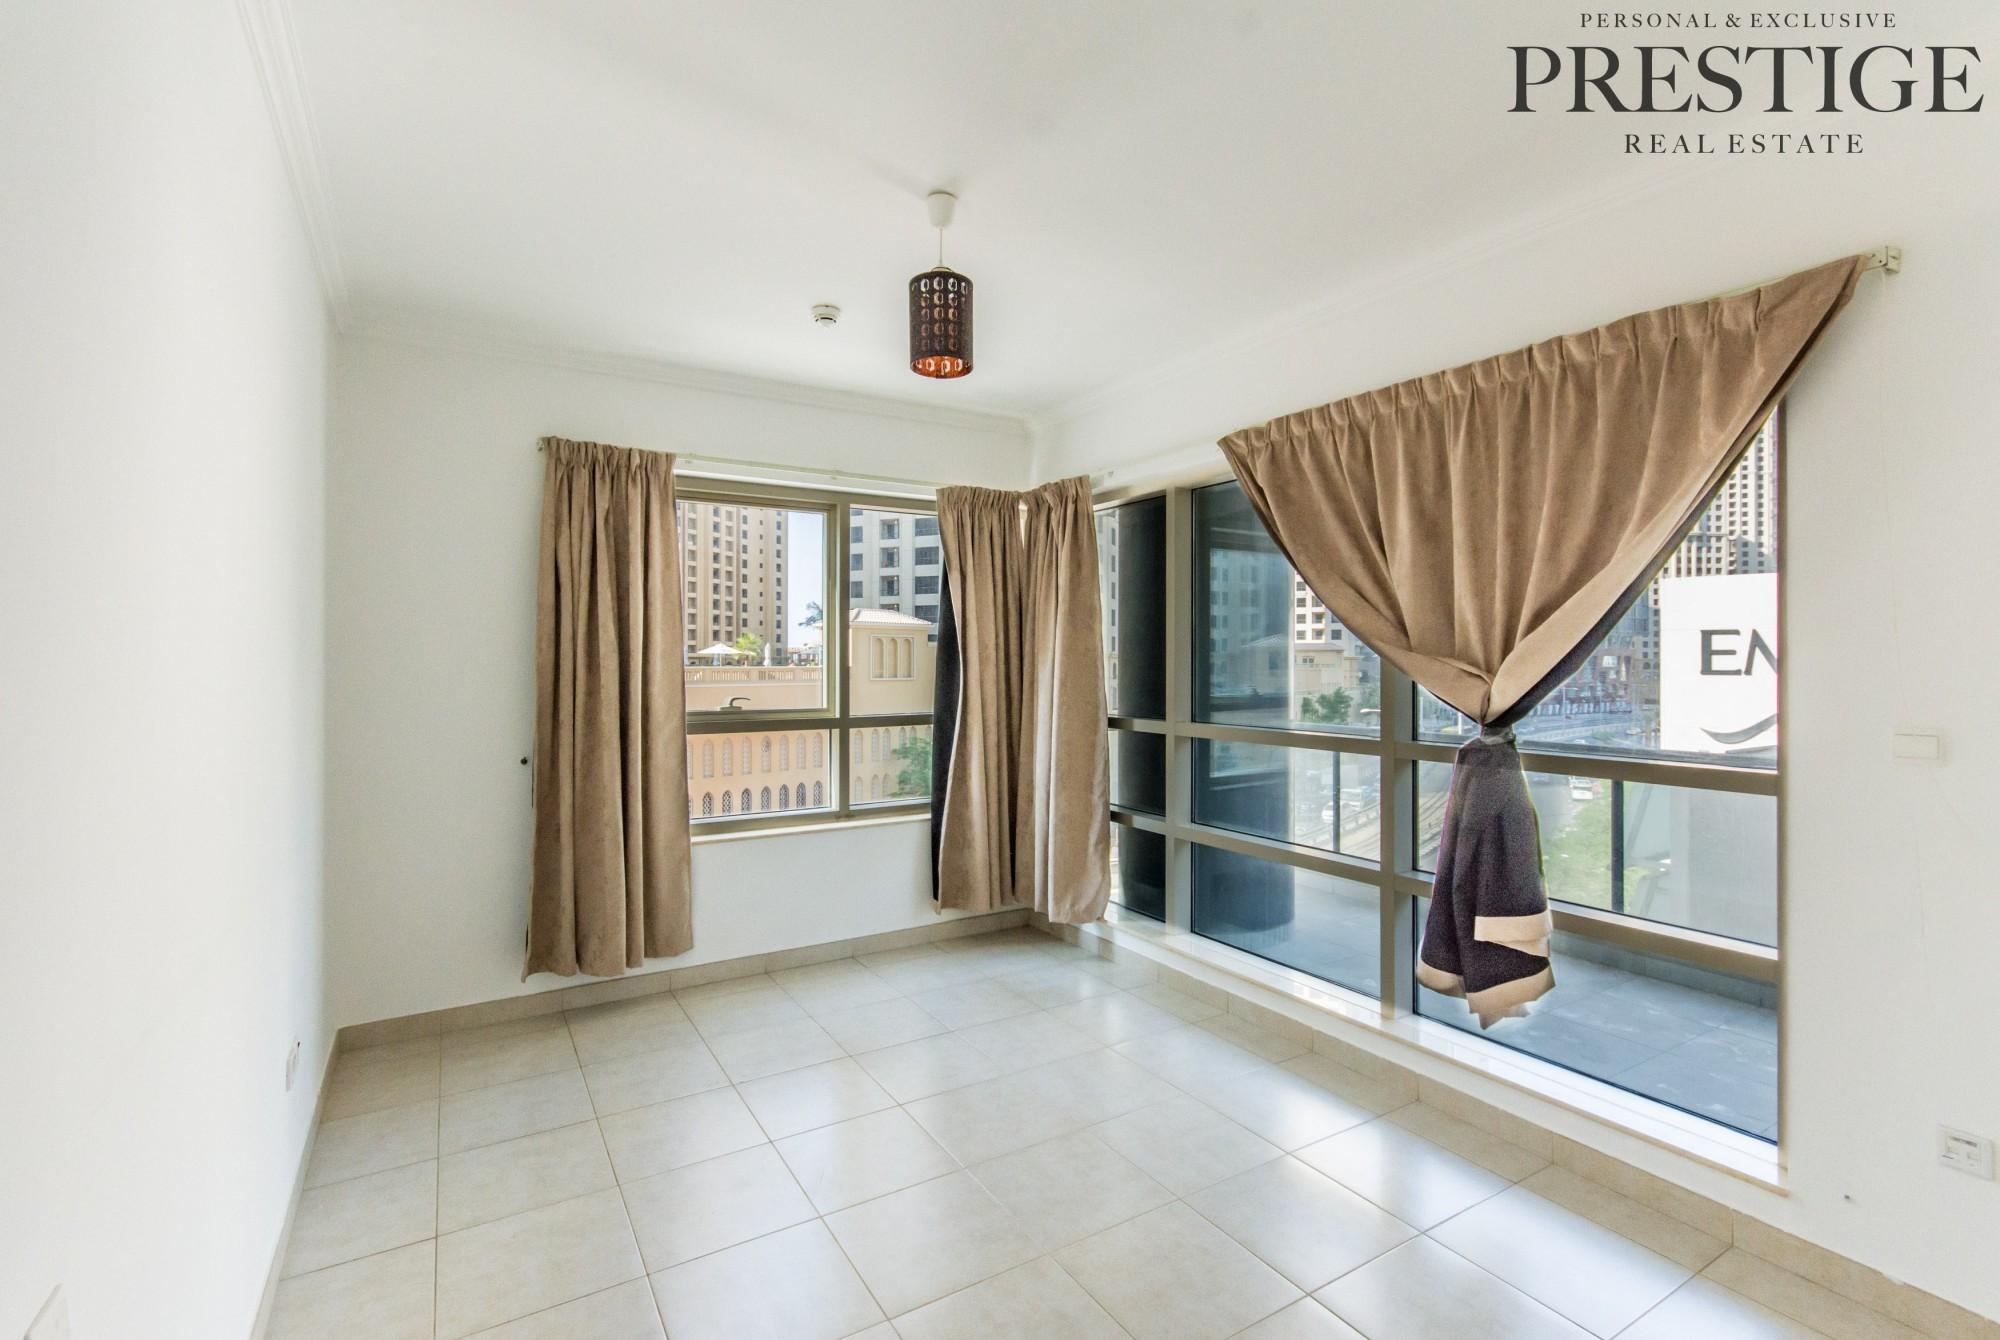 2 Bedroom For Rent | Low Floor | Vacant